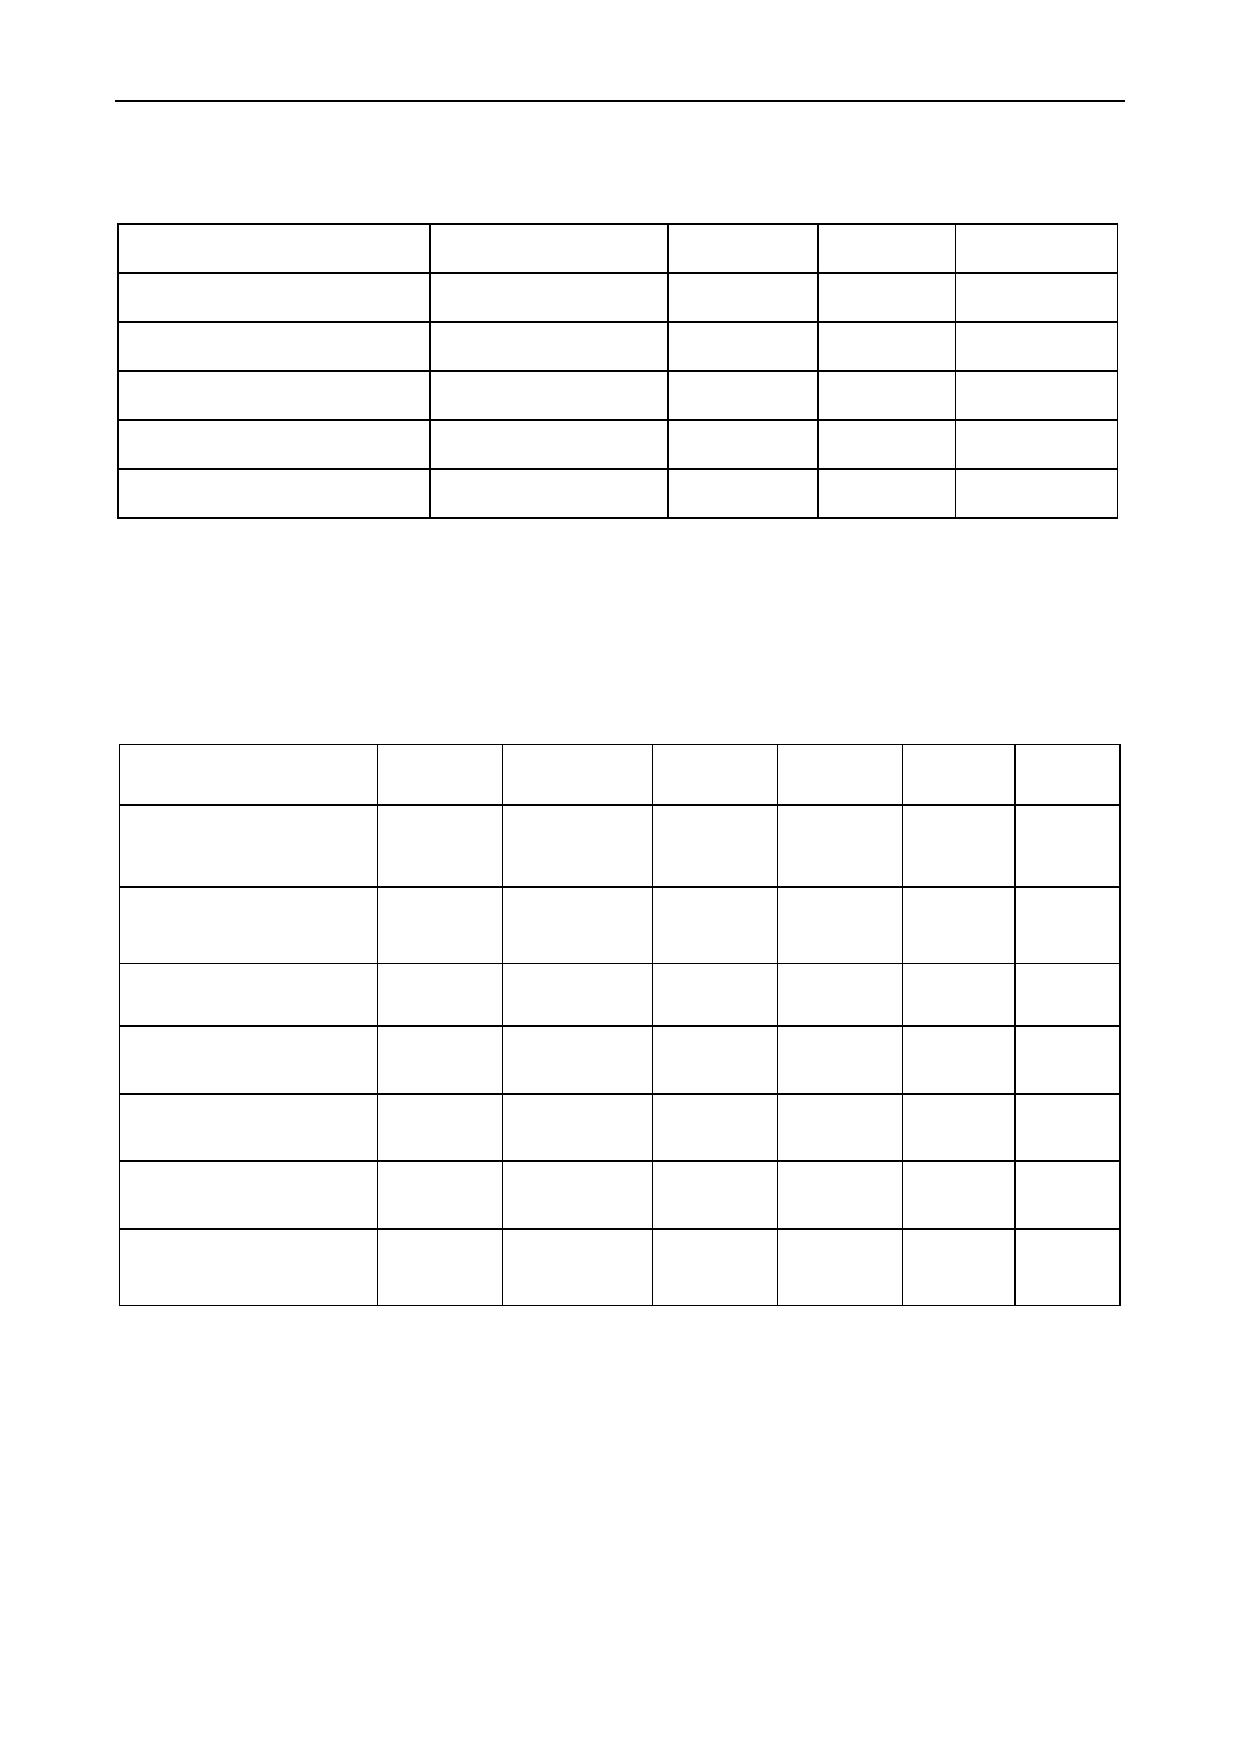 LG128644-BMDWH6V pdf, 반도체, 판매, 대치품